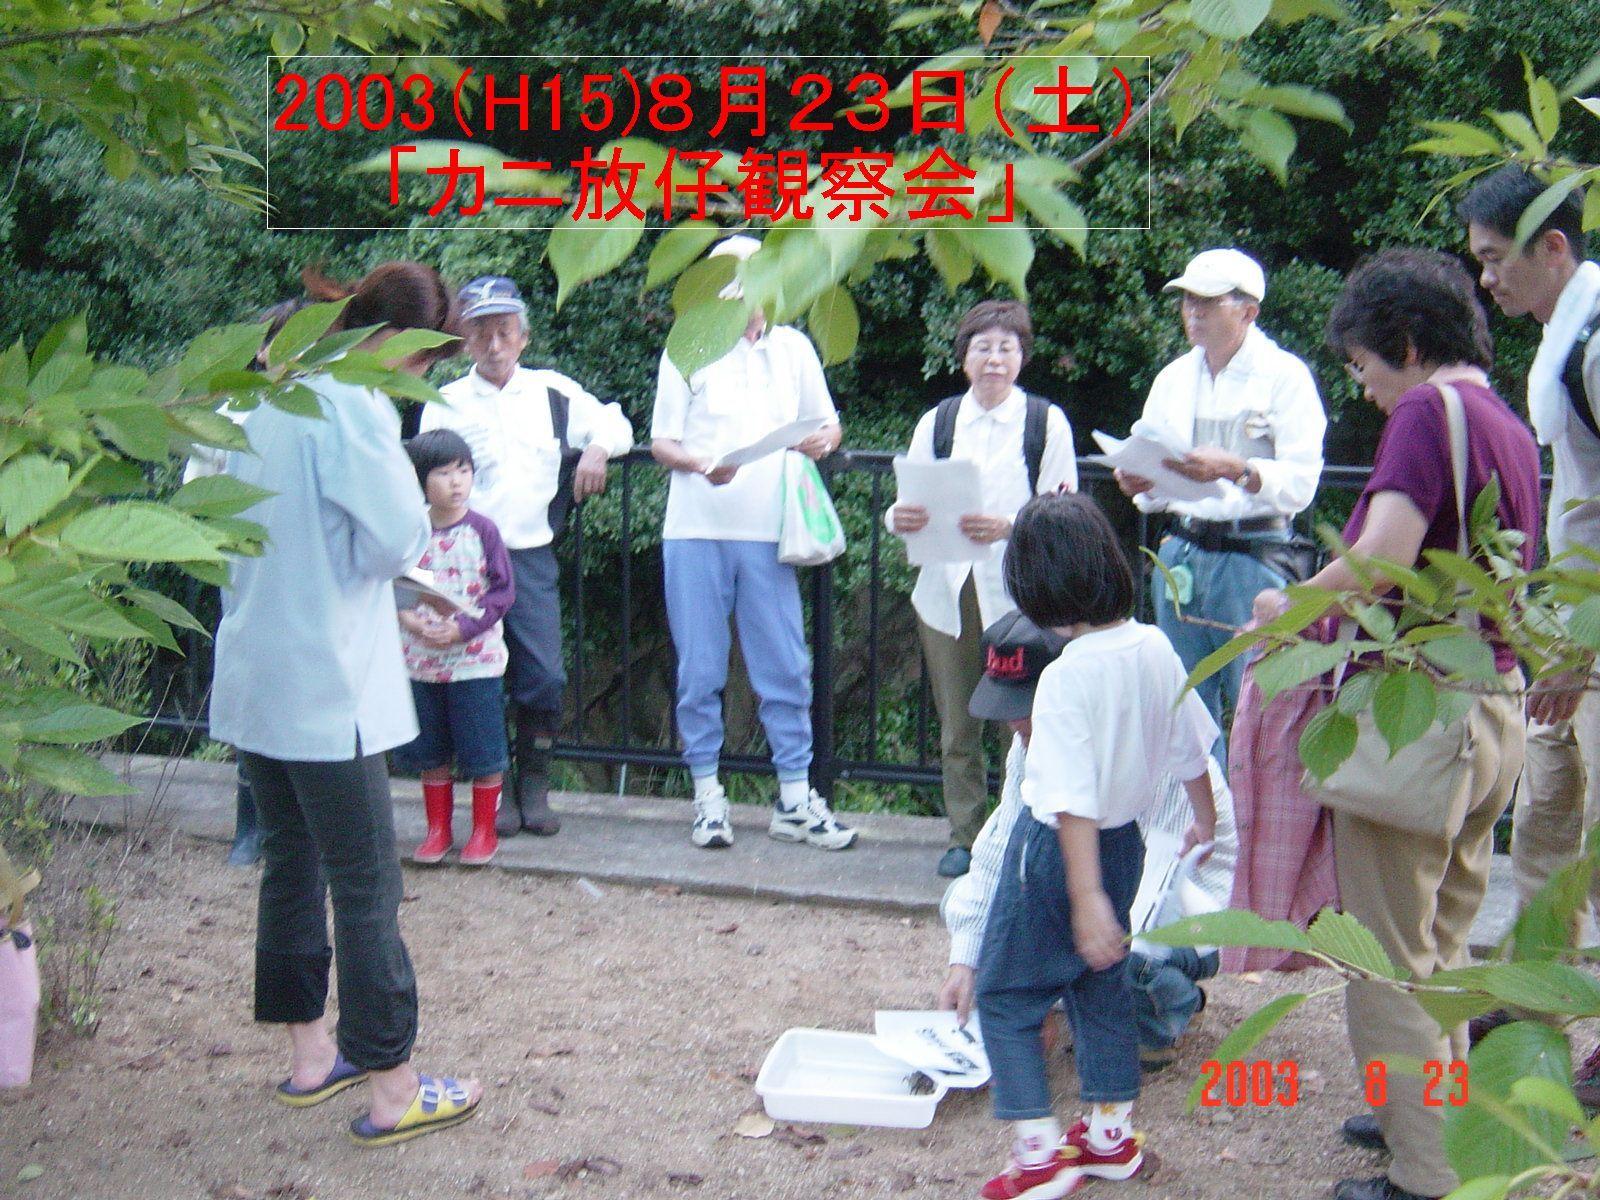 うみべの森の歴史⑮「2003年8月の活動」_c0108460_13512218.jpg